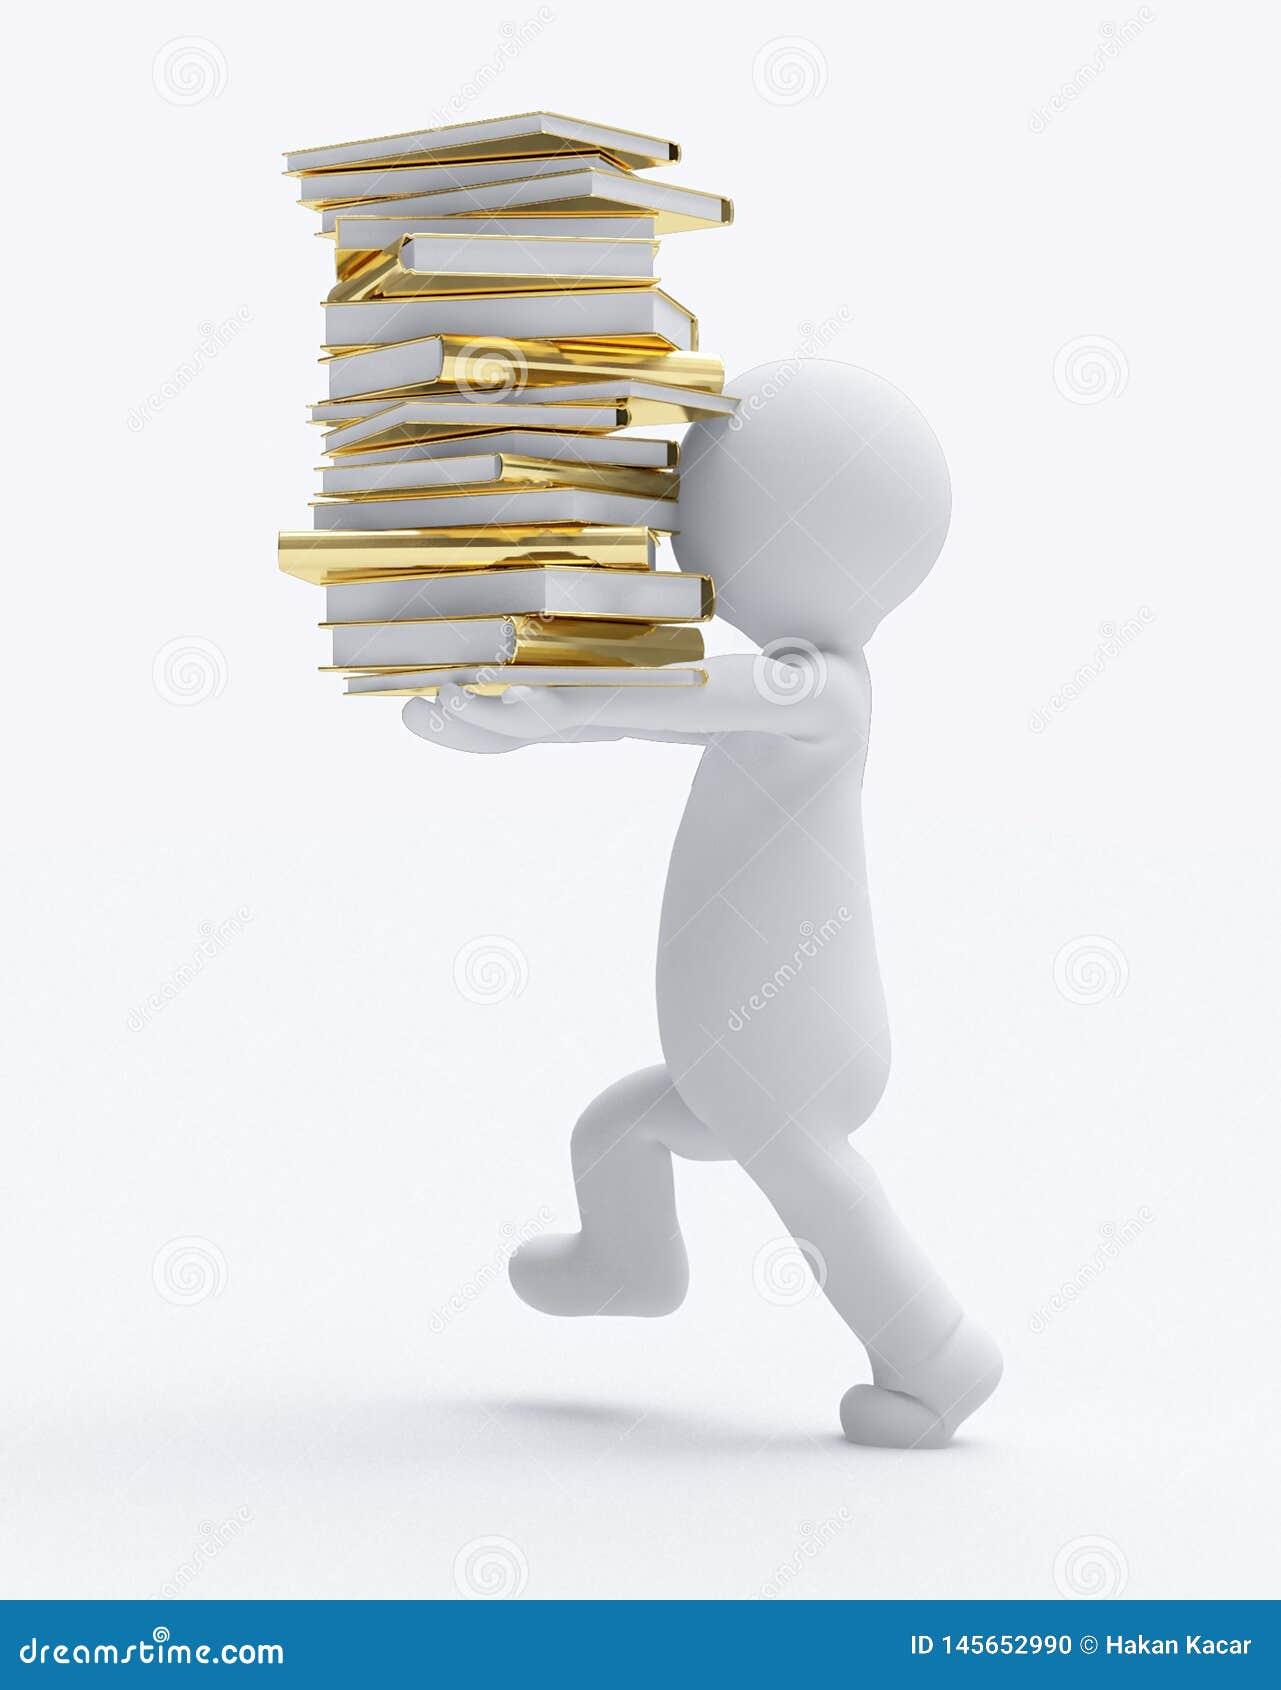 Fondo bianco isolato immagine di trasporto dei libri d della piccola gente di D